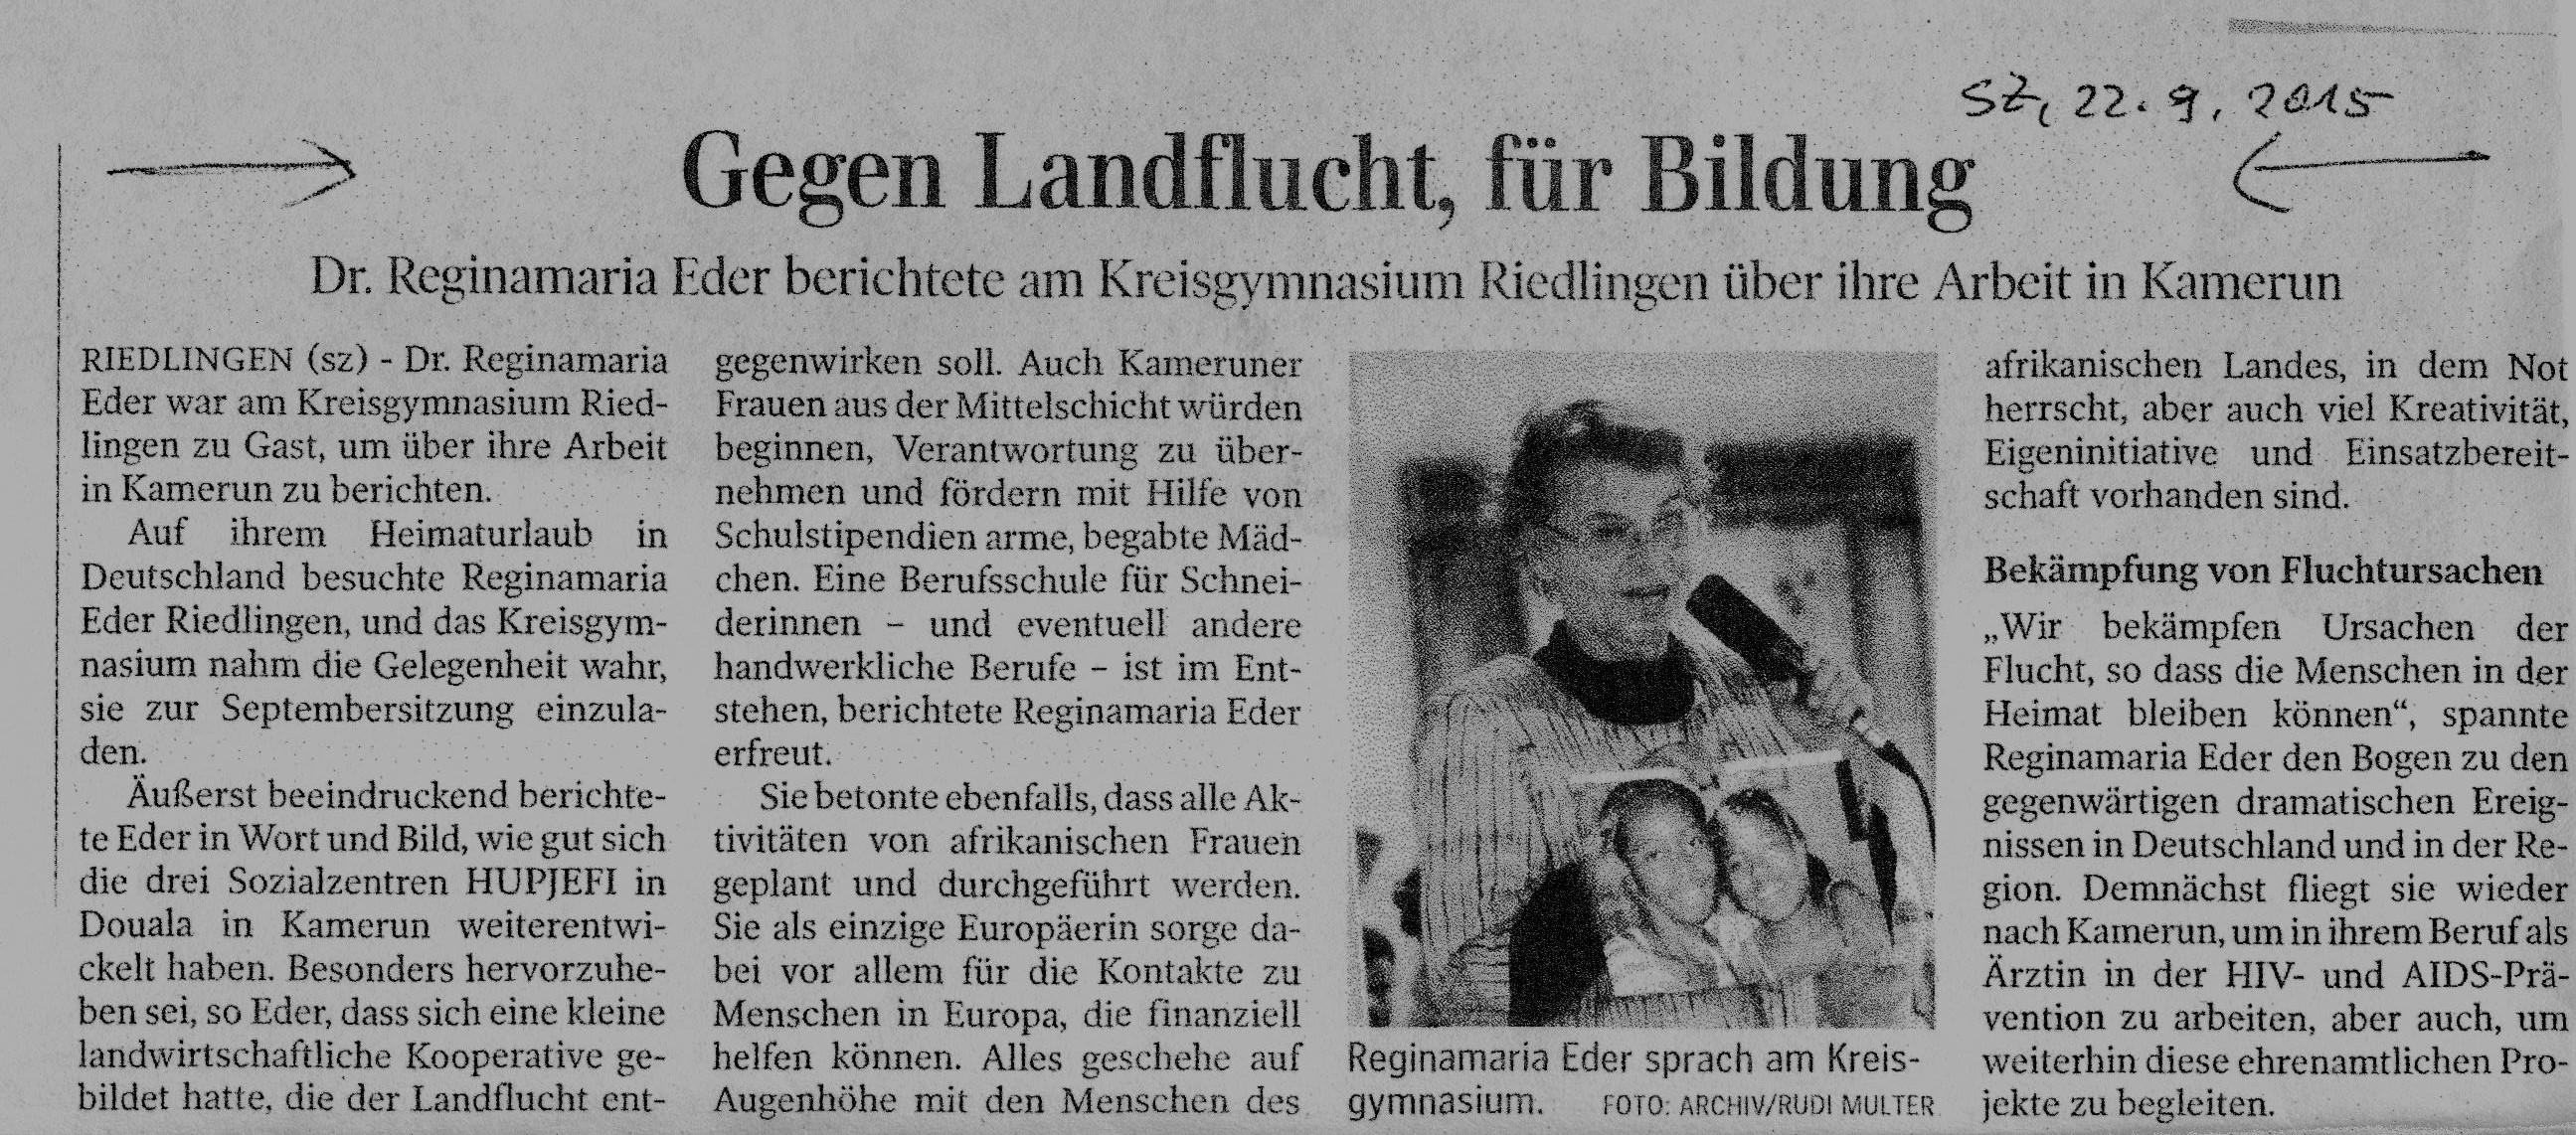 Artikel in der Schwäbischen Zeitung vom 22.09.2015